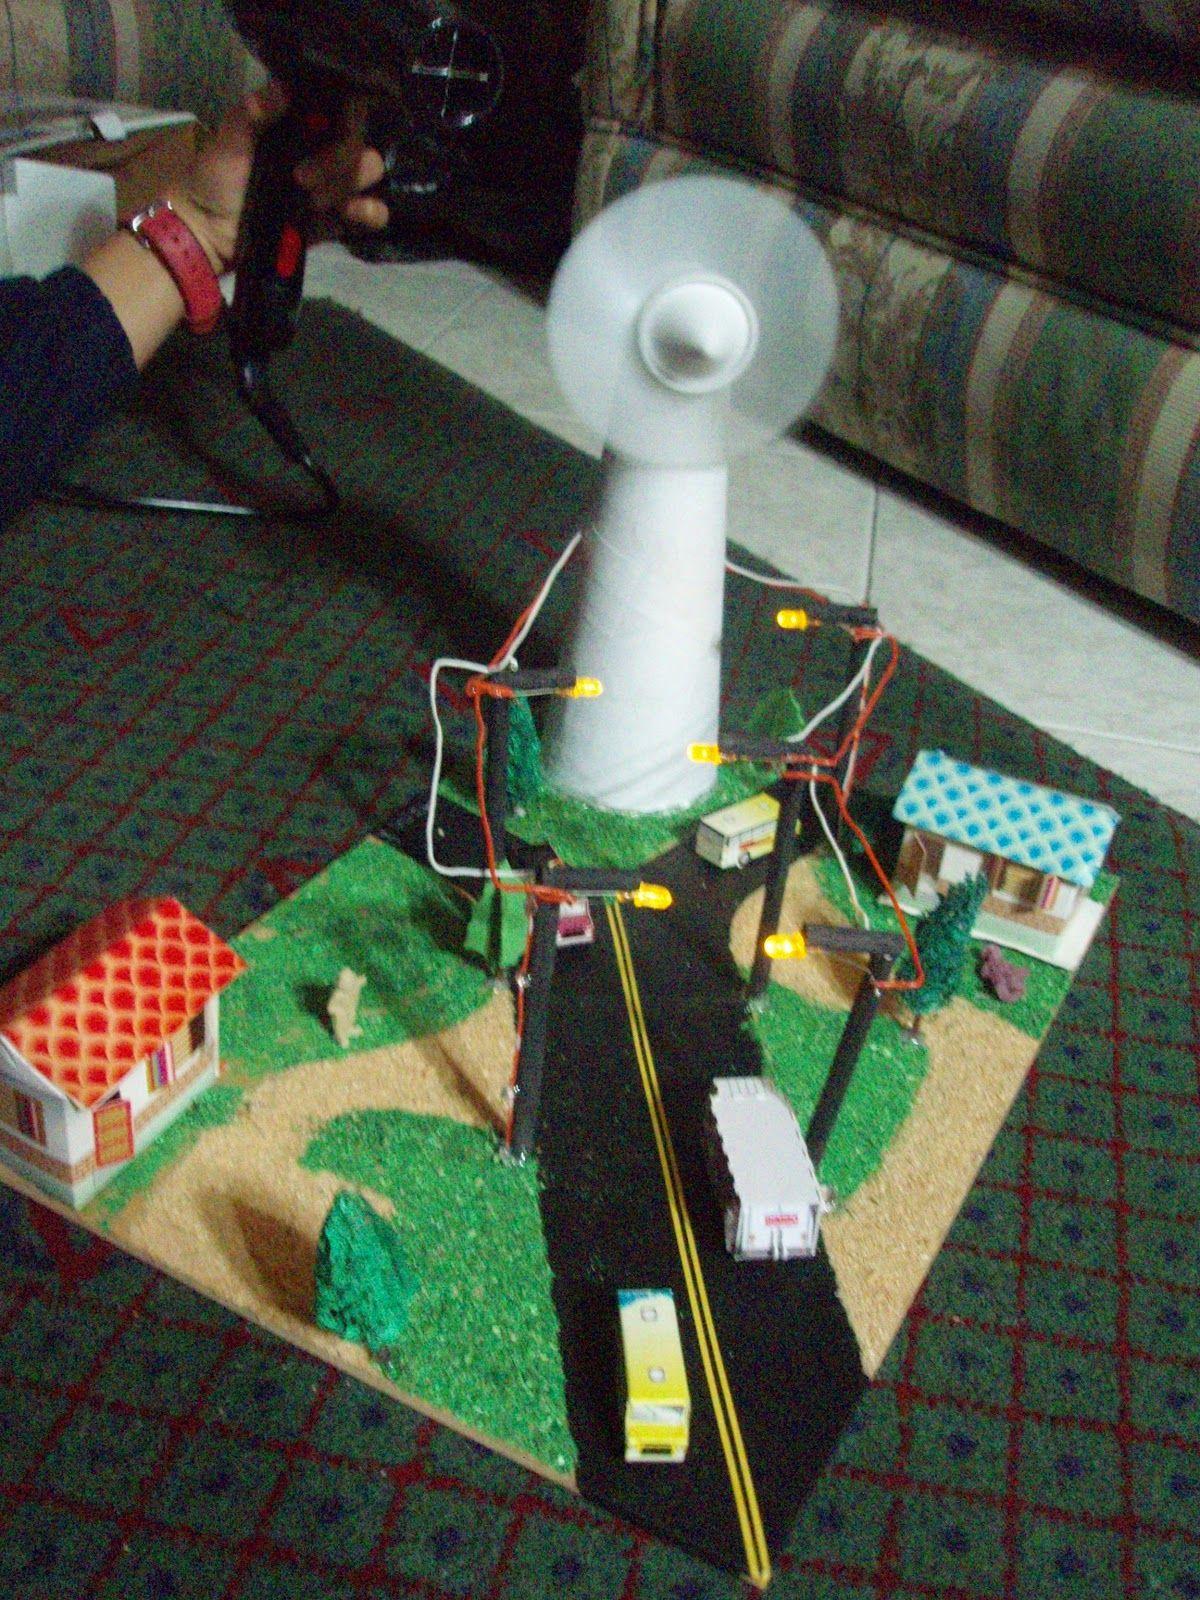 Energía eólica maqueta | maquetas | Pinterest | Maquetas y Experimento